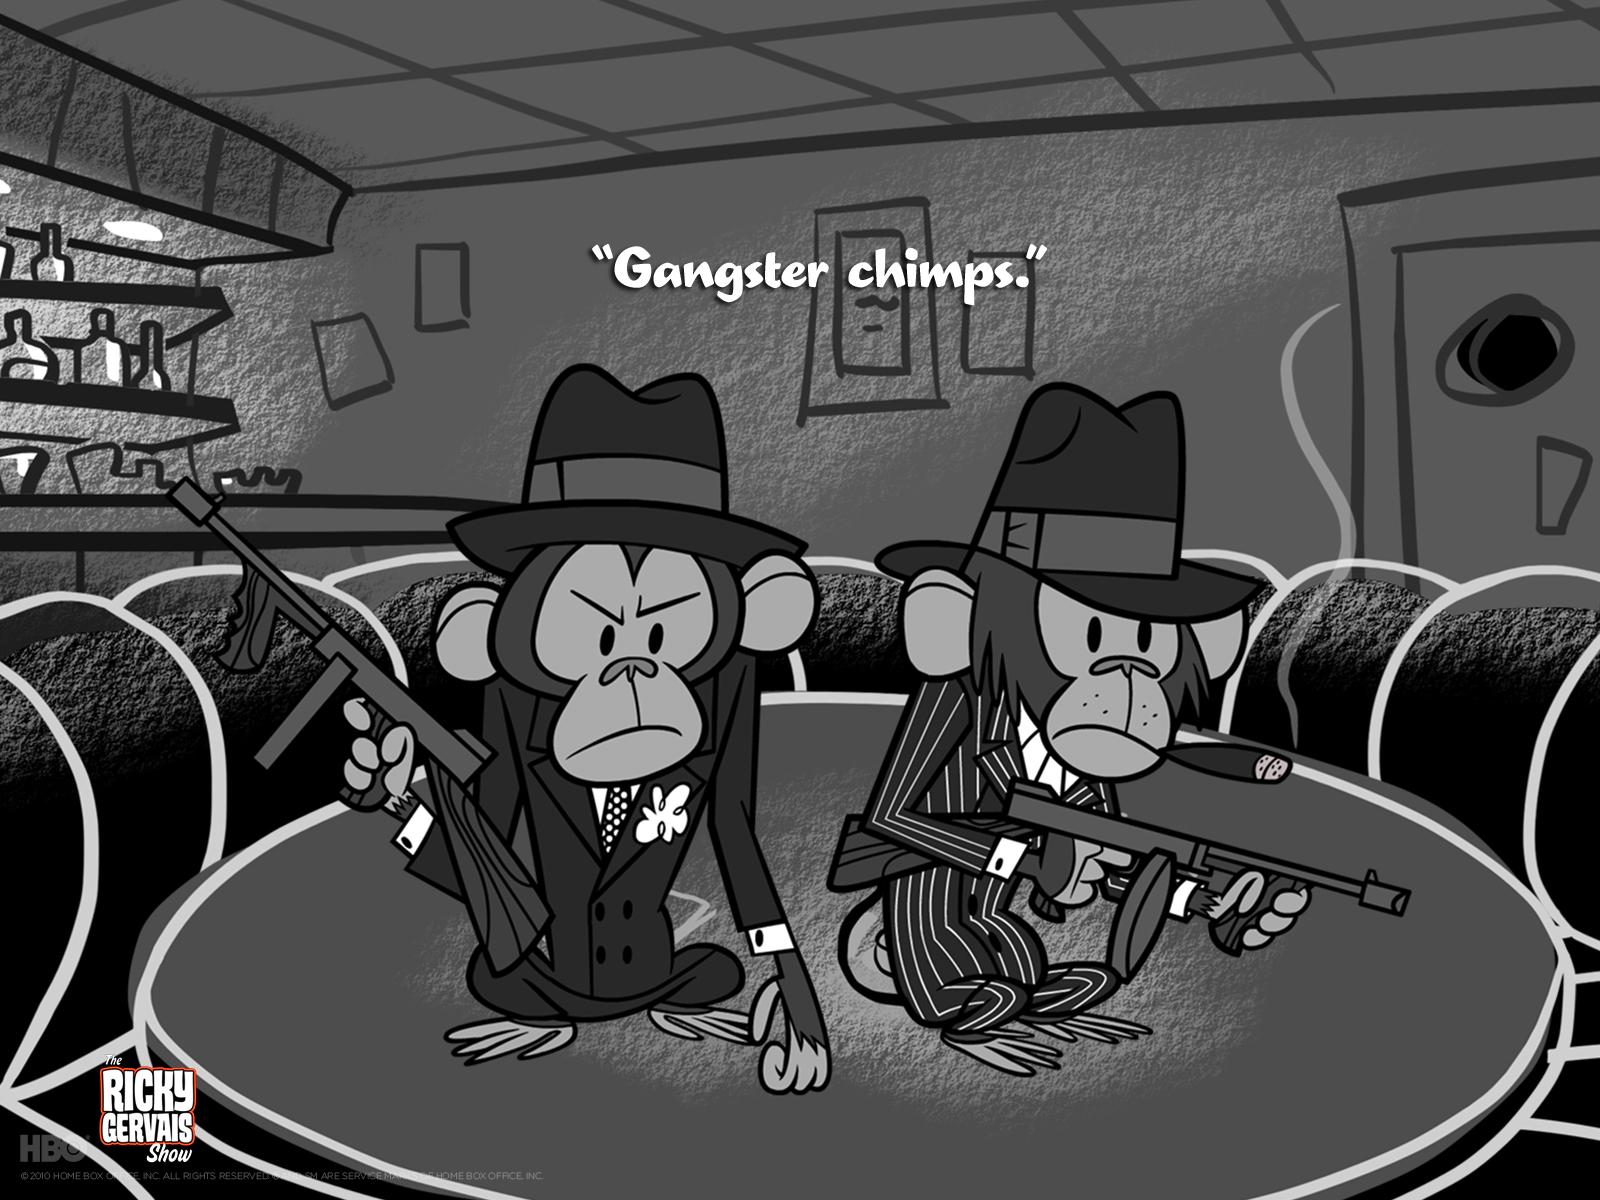 http://3.bp.blogspot.com/_Rq_SuOcpV0Q/TRZ_HW66TqI/AAAAAAAAAJY/bM9Tatfu5Uw/s1600/wallpaper-gangster-chimps-1600.jpg